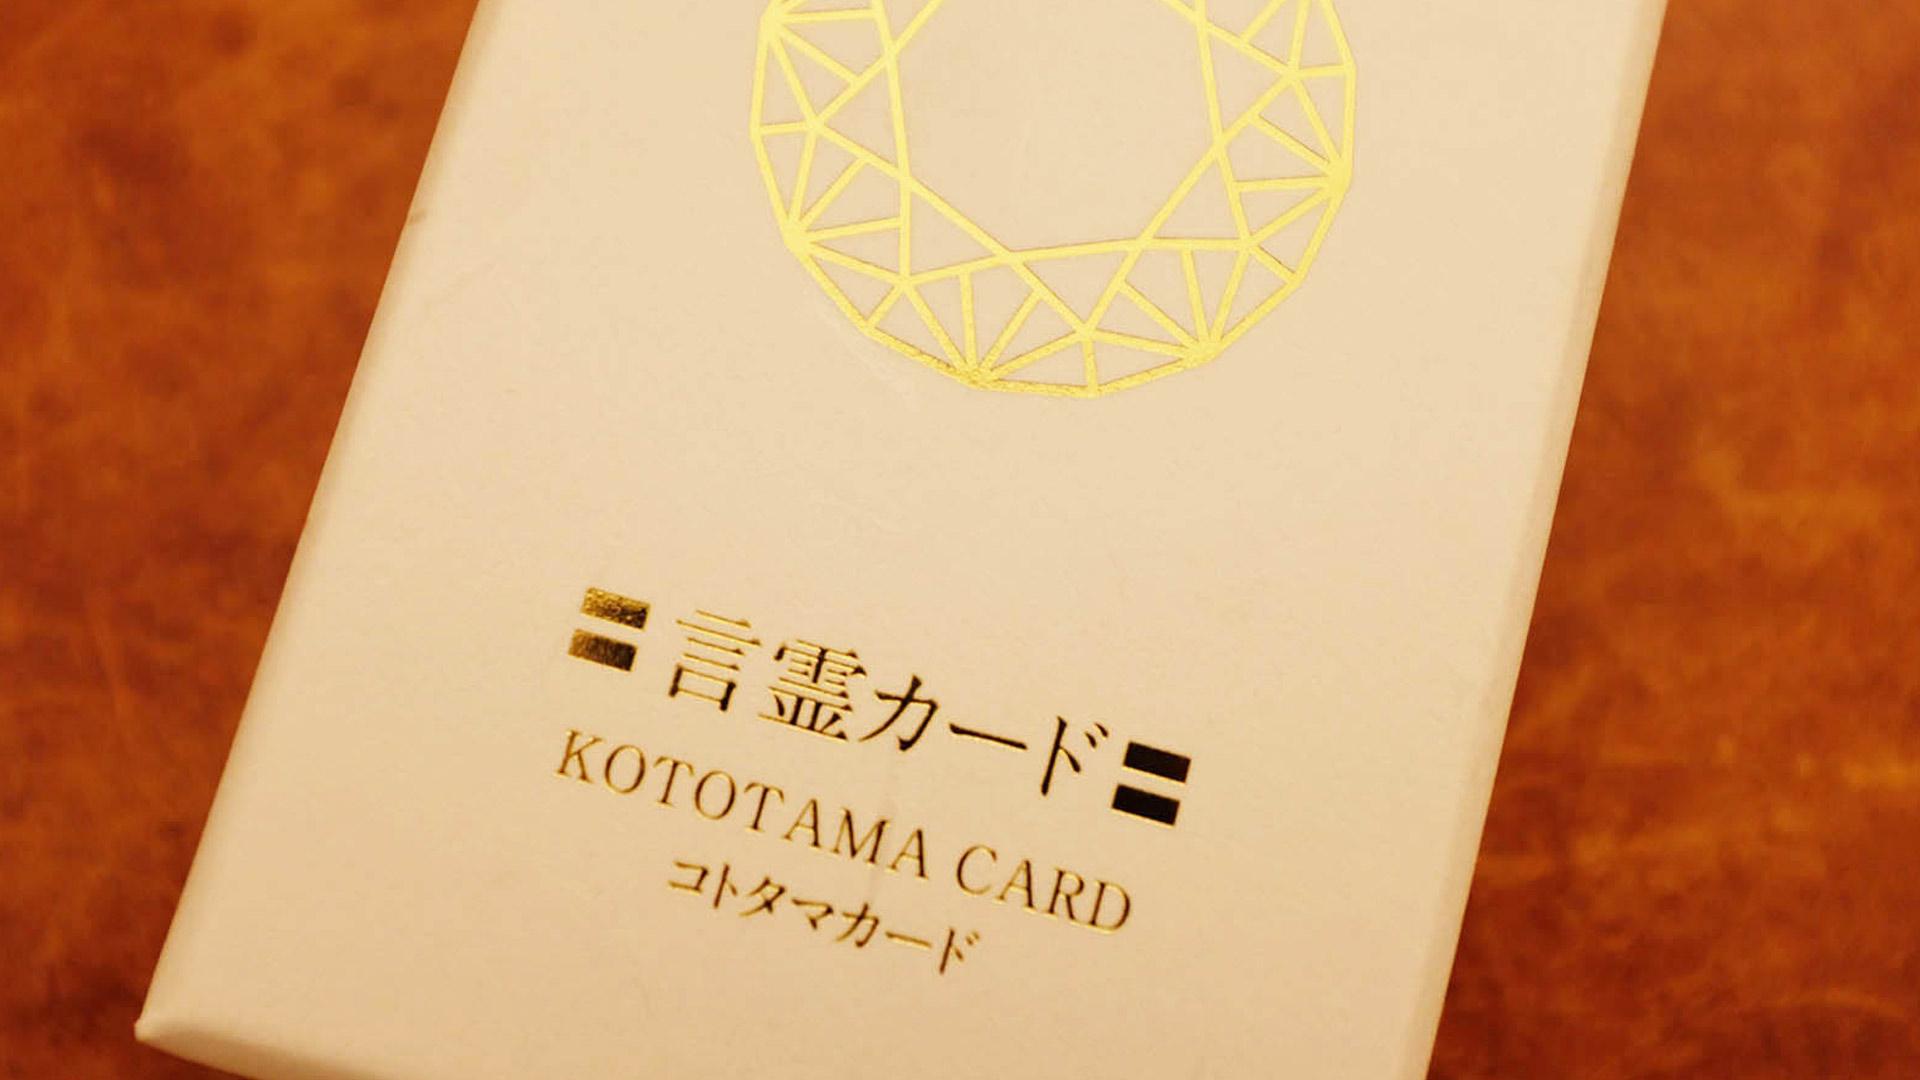 言霊カード外観|「言霊カード」は登録商標